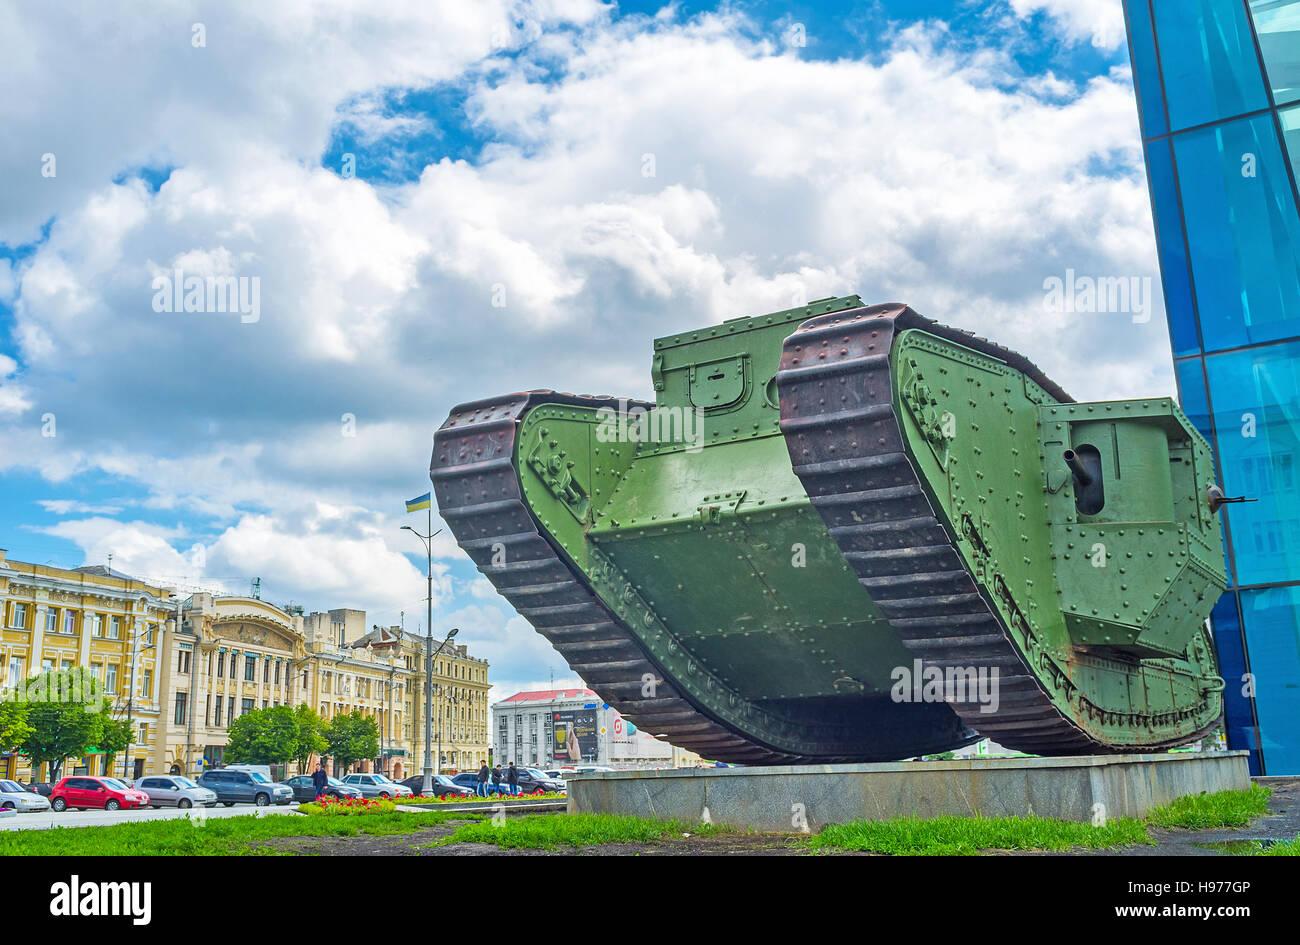 Le monument de la Première Guerre mondiale - l'ancien réservoir britannique Mark V est le favori pour Photo Stock